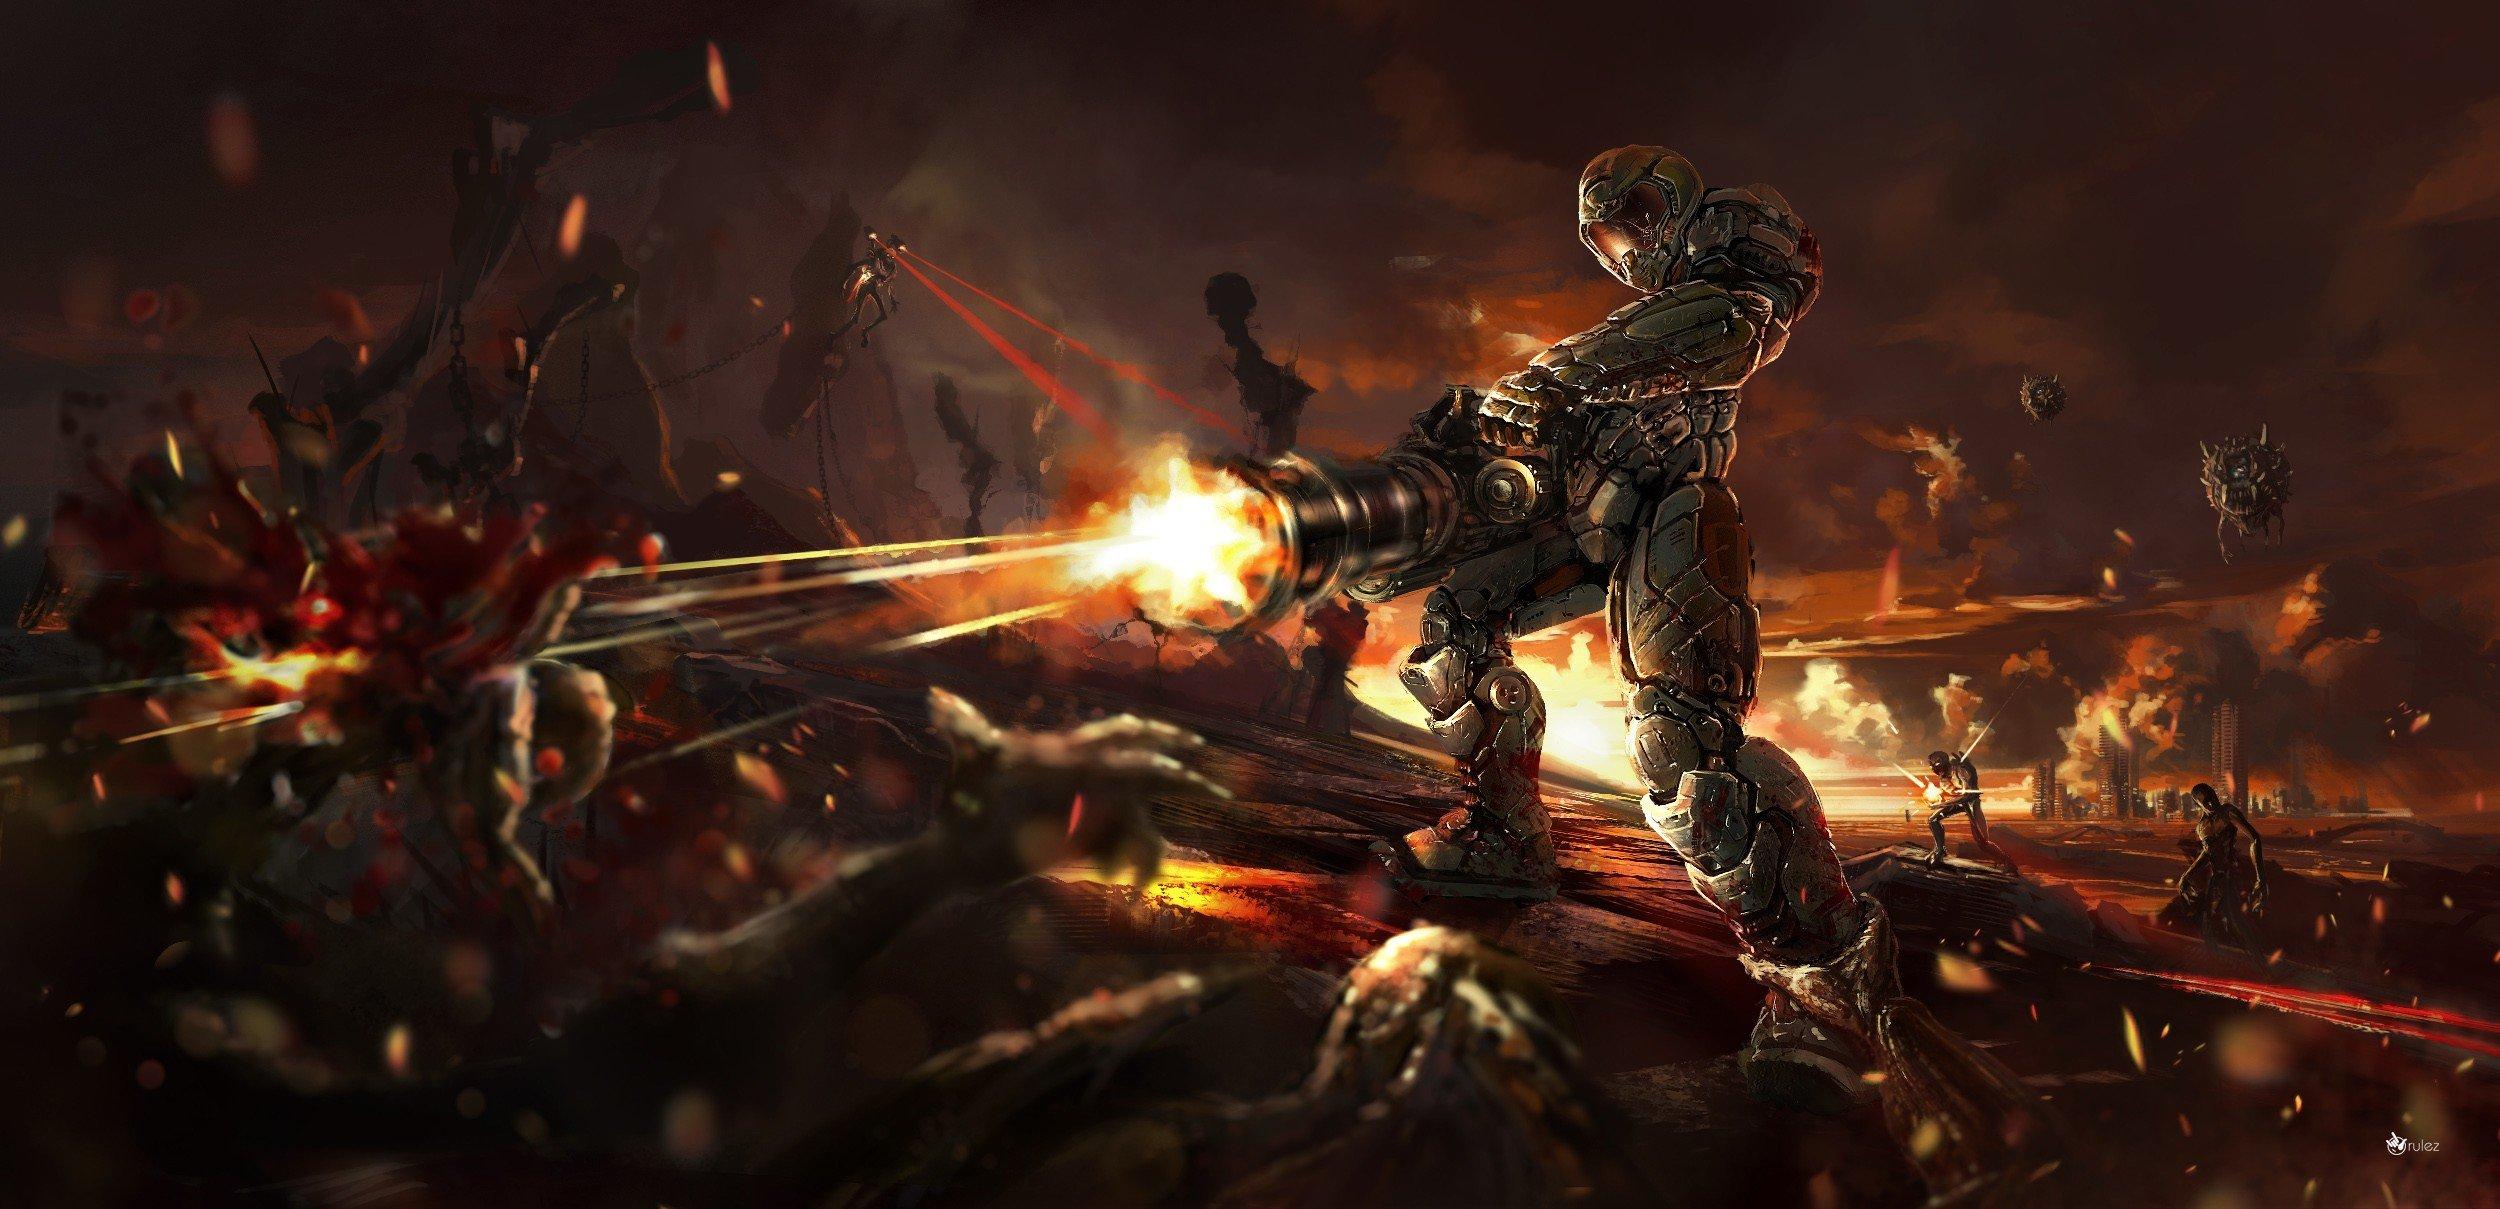 Doom (game), Doom 4 Wallpaper